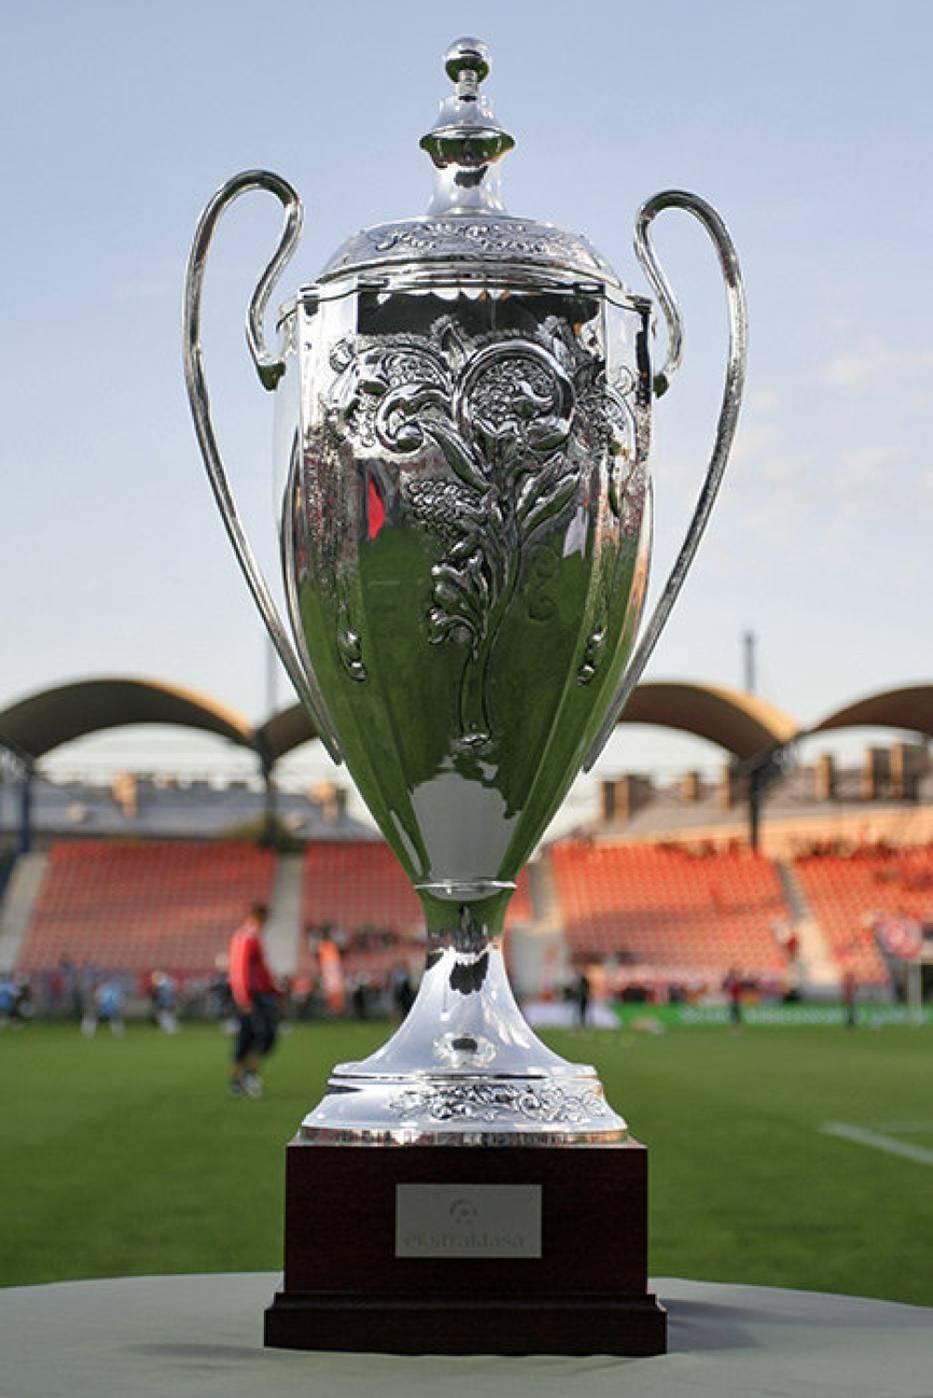 Superpuchar Ekstraklasy: Wisła Kraków - Legia Warszawa 1:2 (1:1)